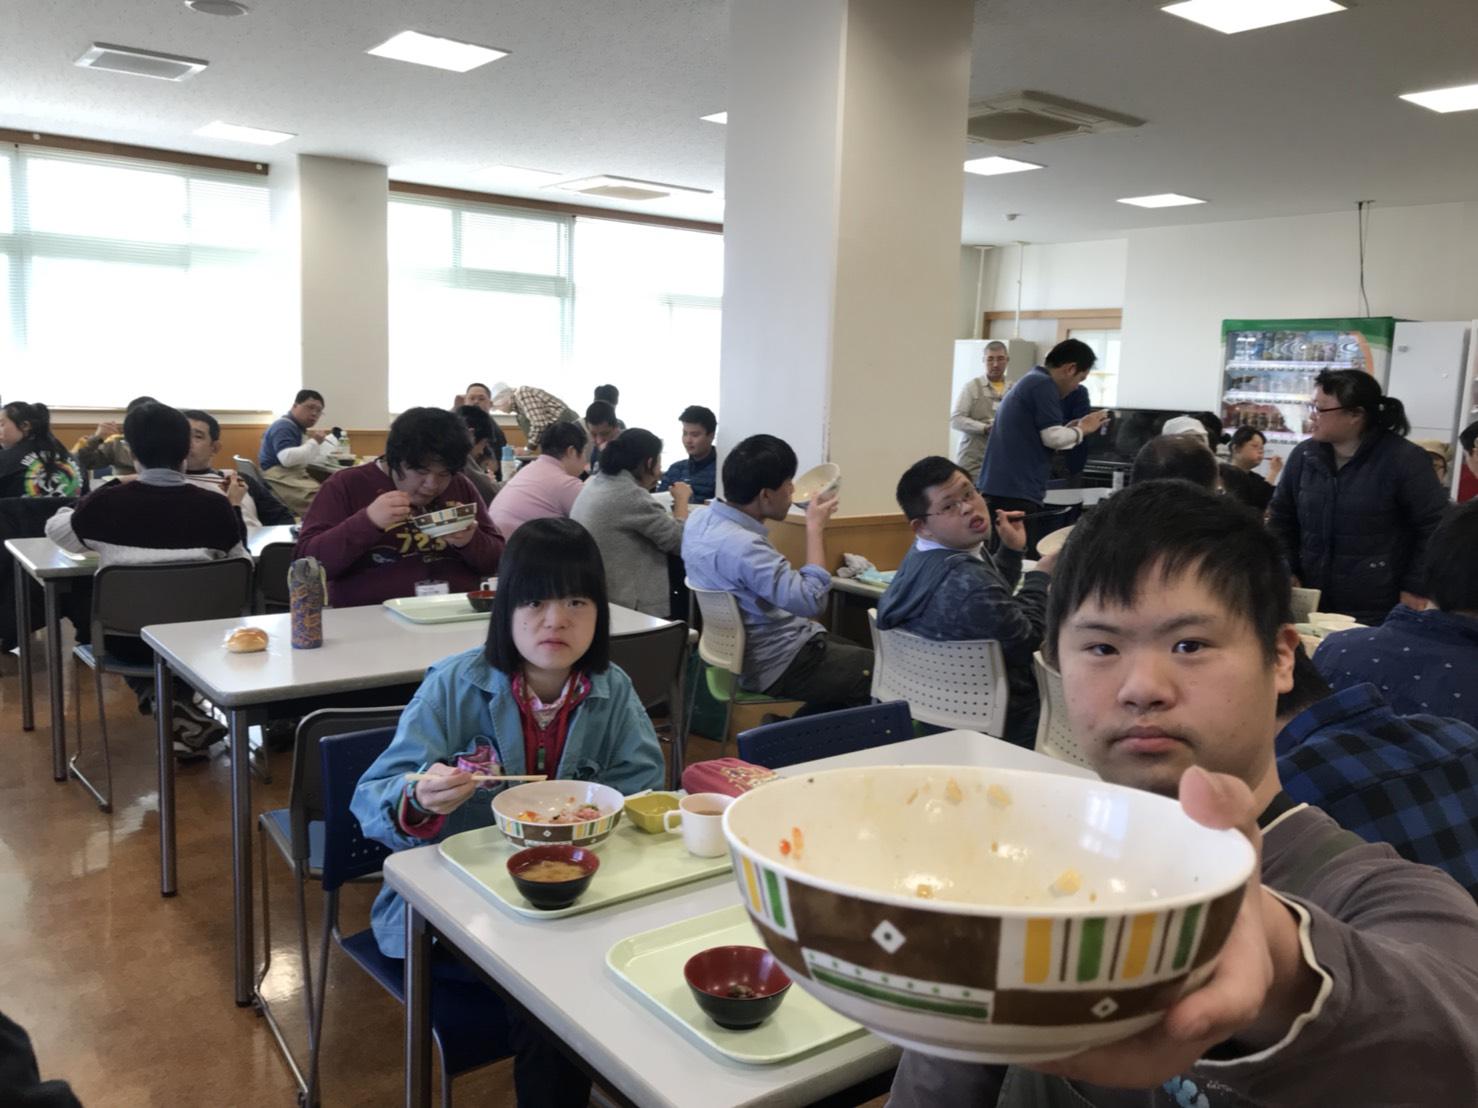 ライフ湘南より「海鮮donで満腹まんぷく」の報告です。